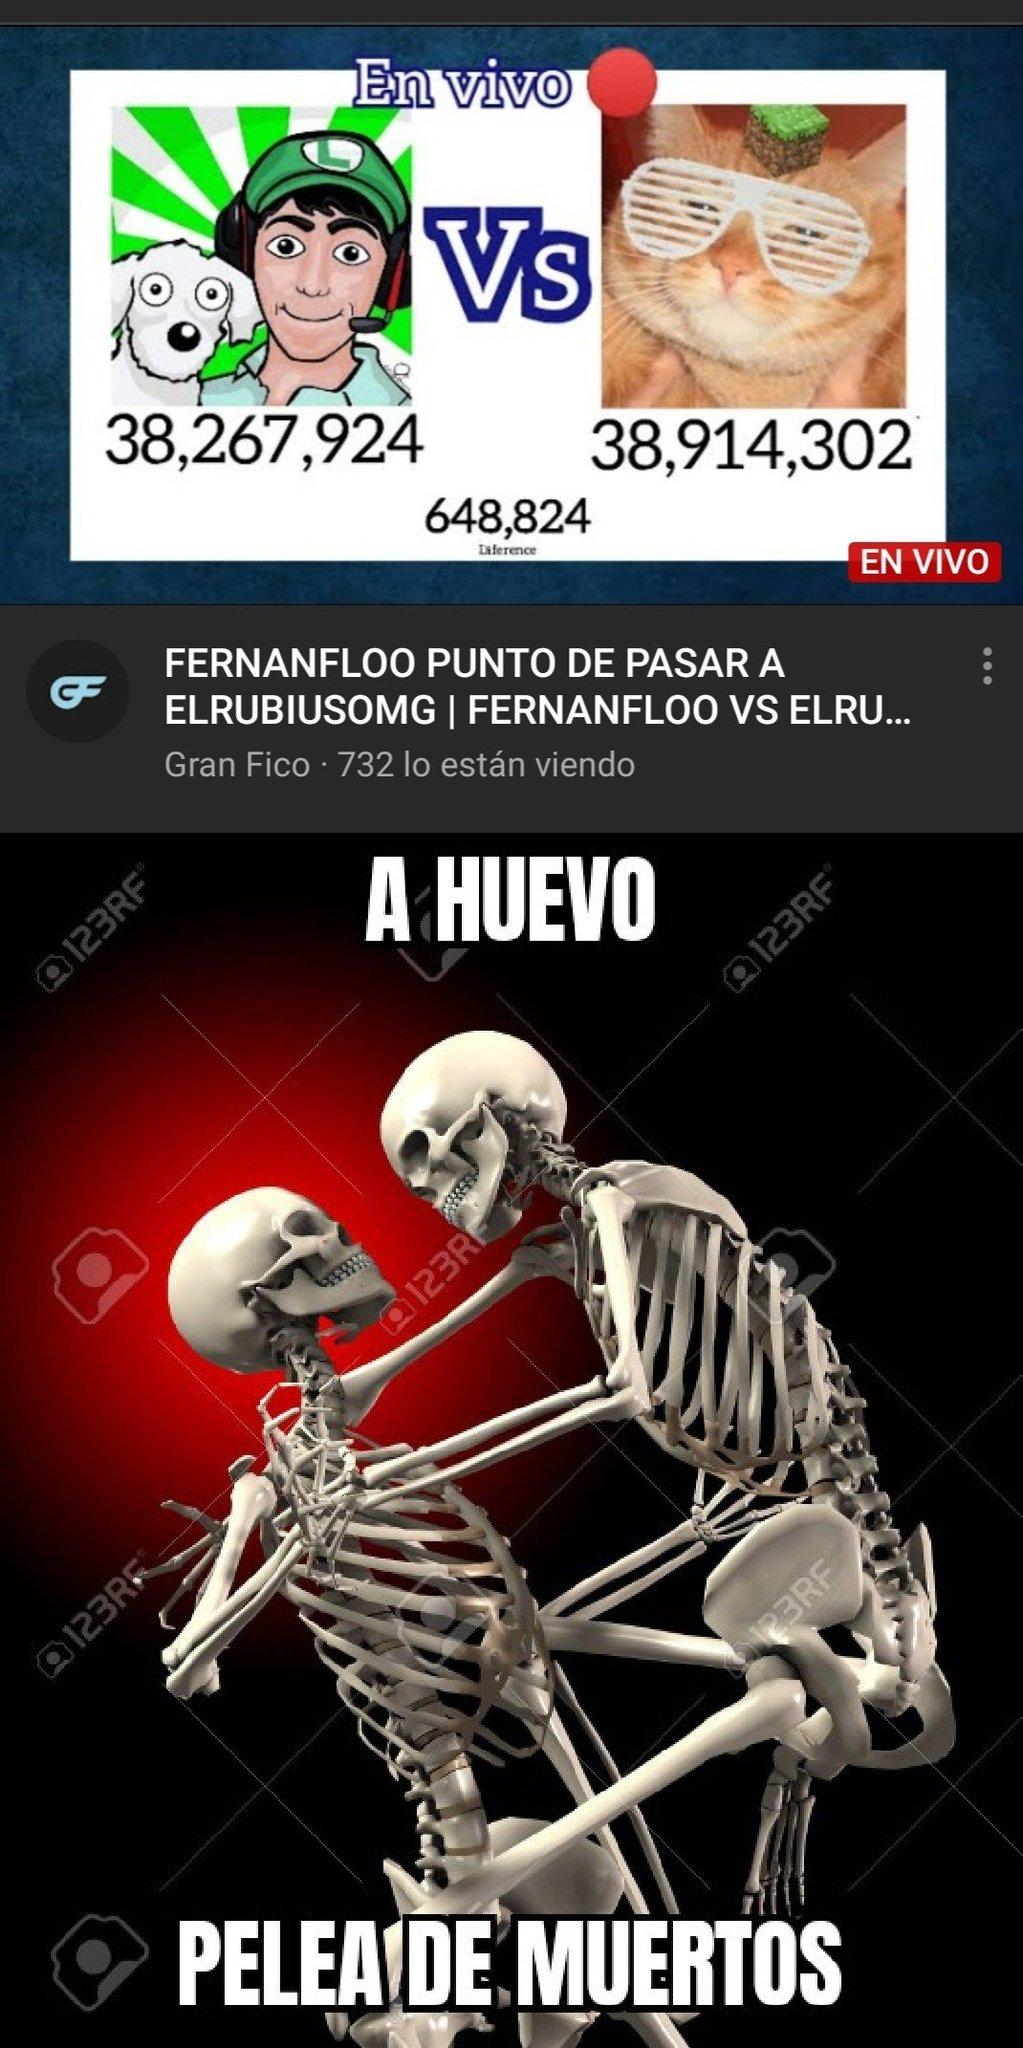 Stos weys - meme